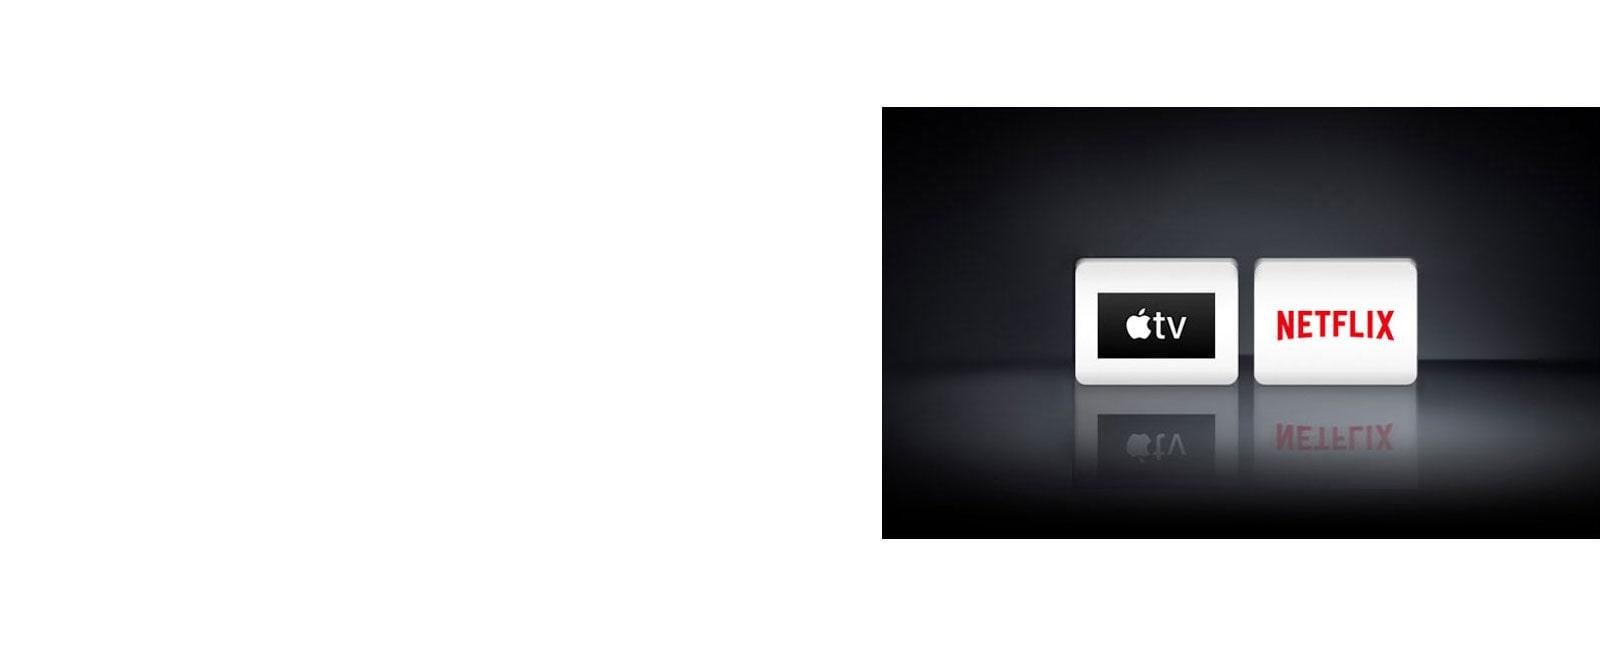 شعارات التطبيقات من اليسار إلى اليمين: تطبيق Apple TV، نتفليكس